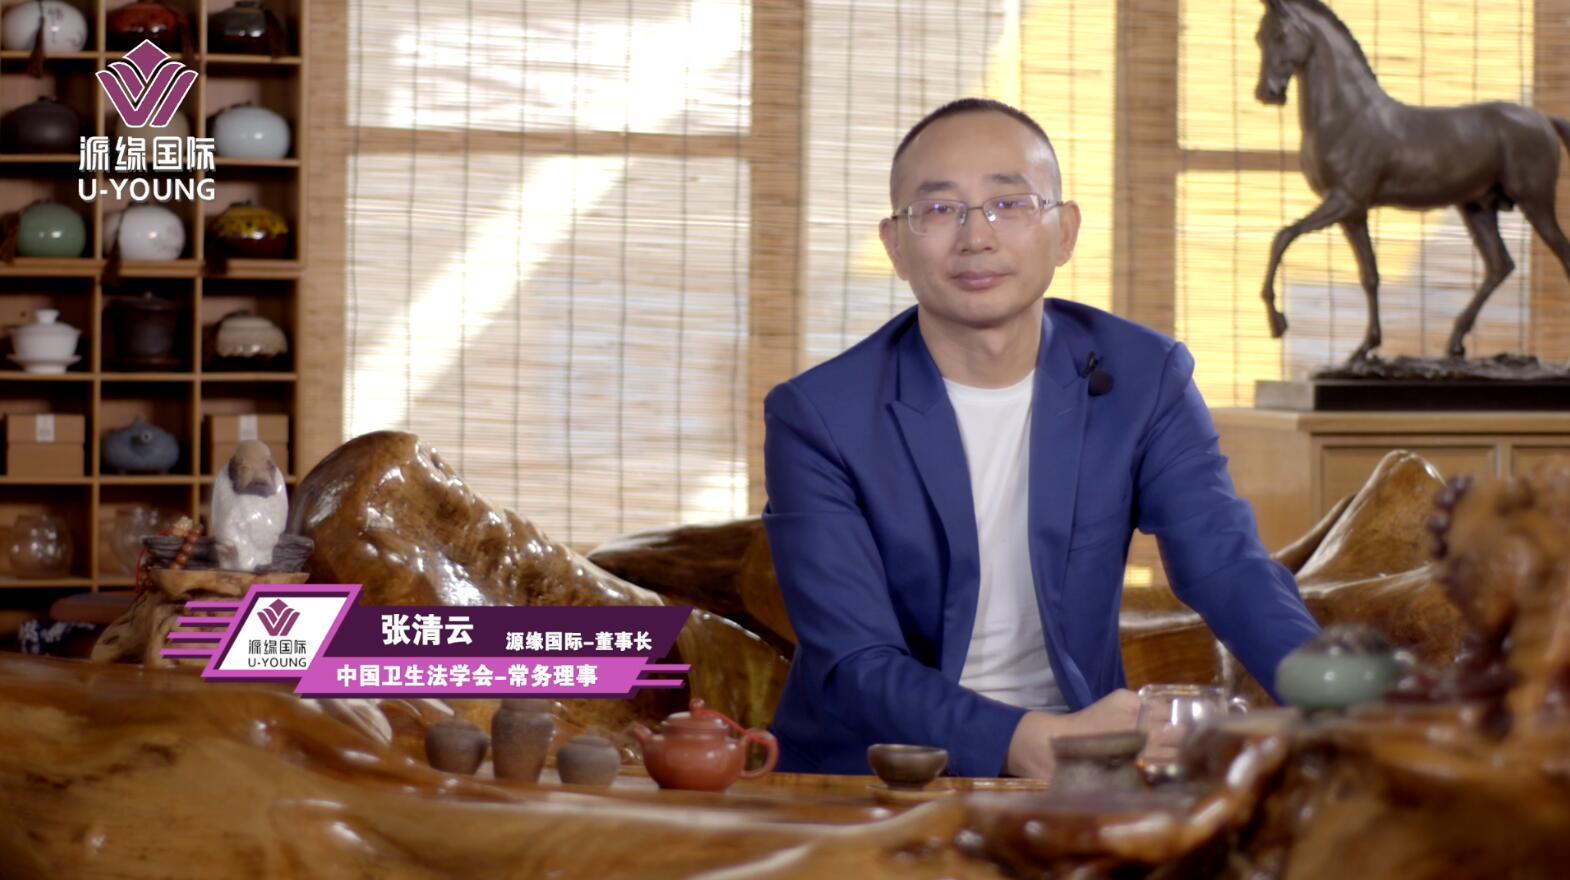 源缘国际-张清云董事长《清云论道》